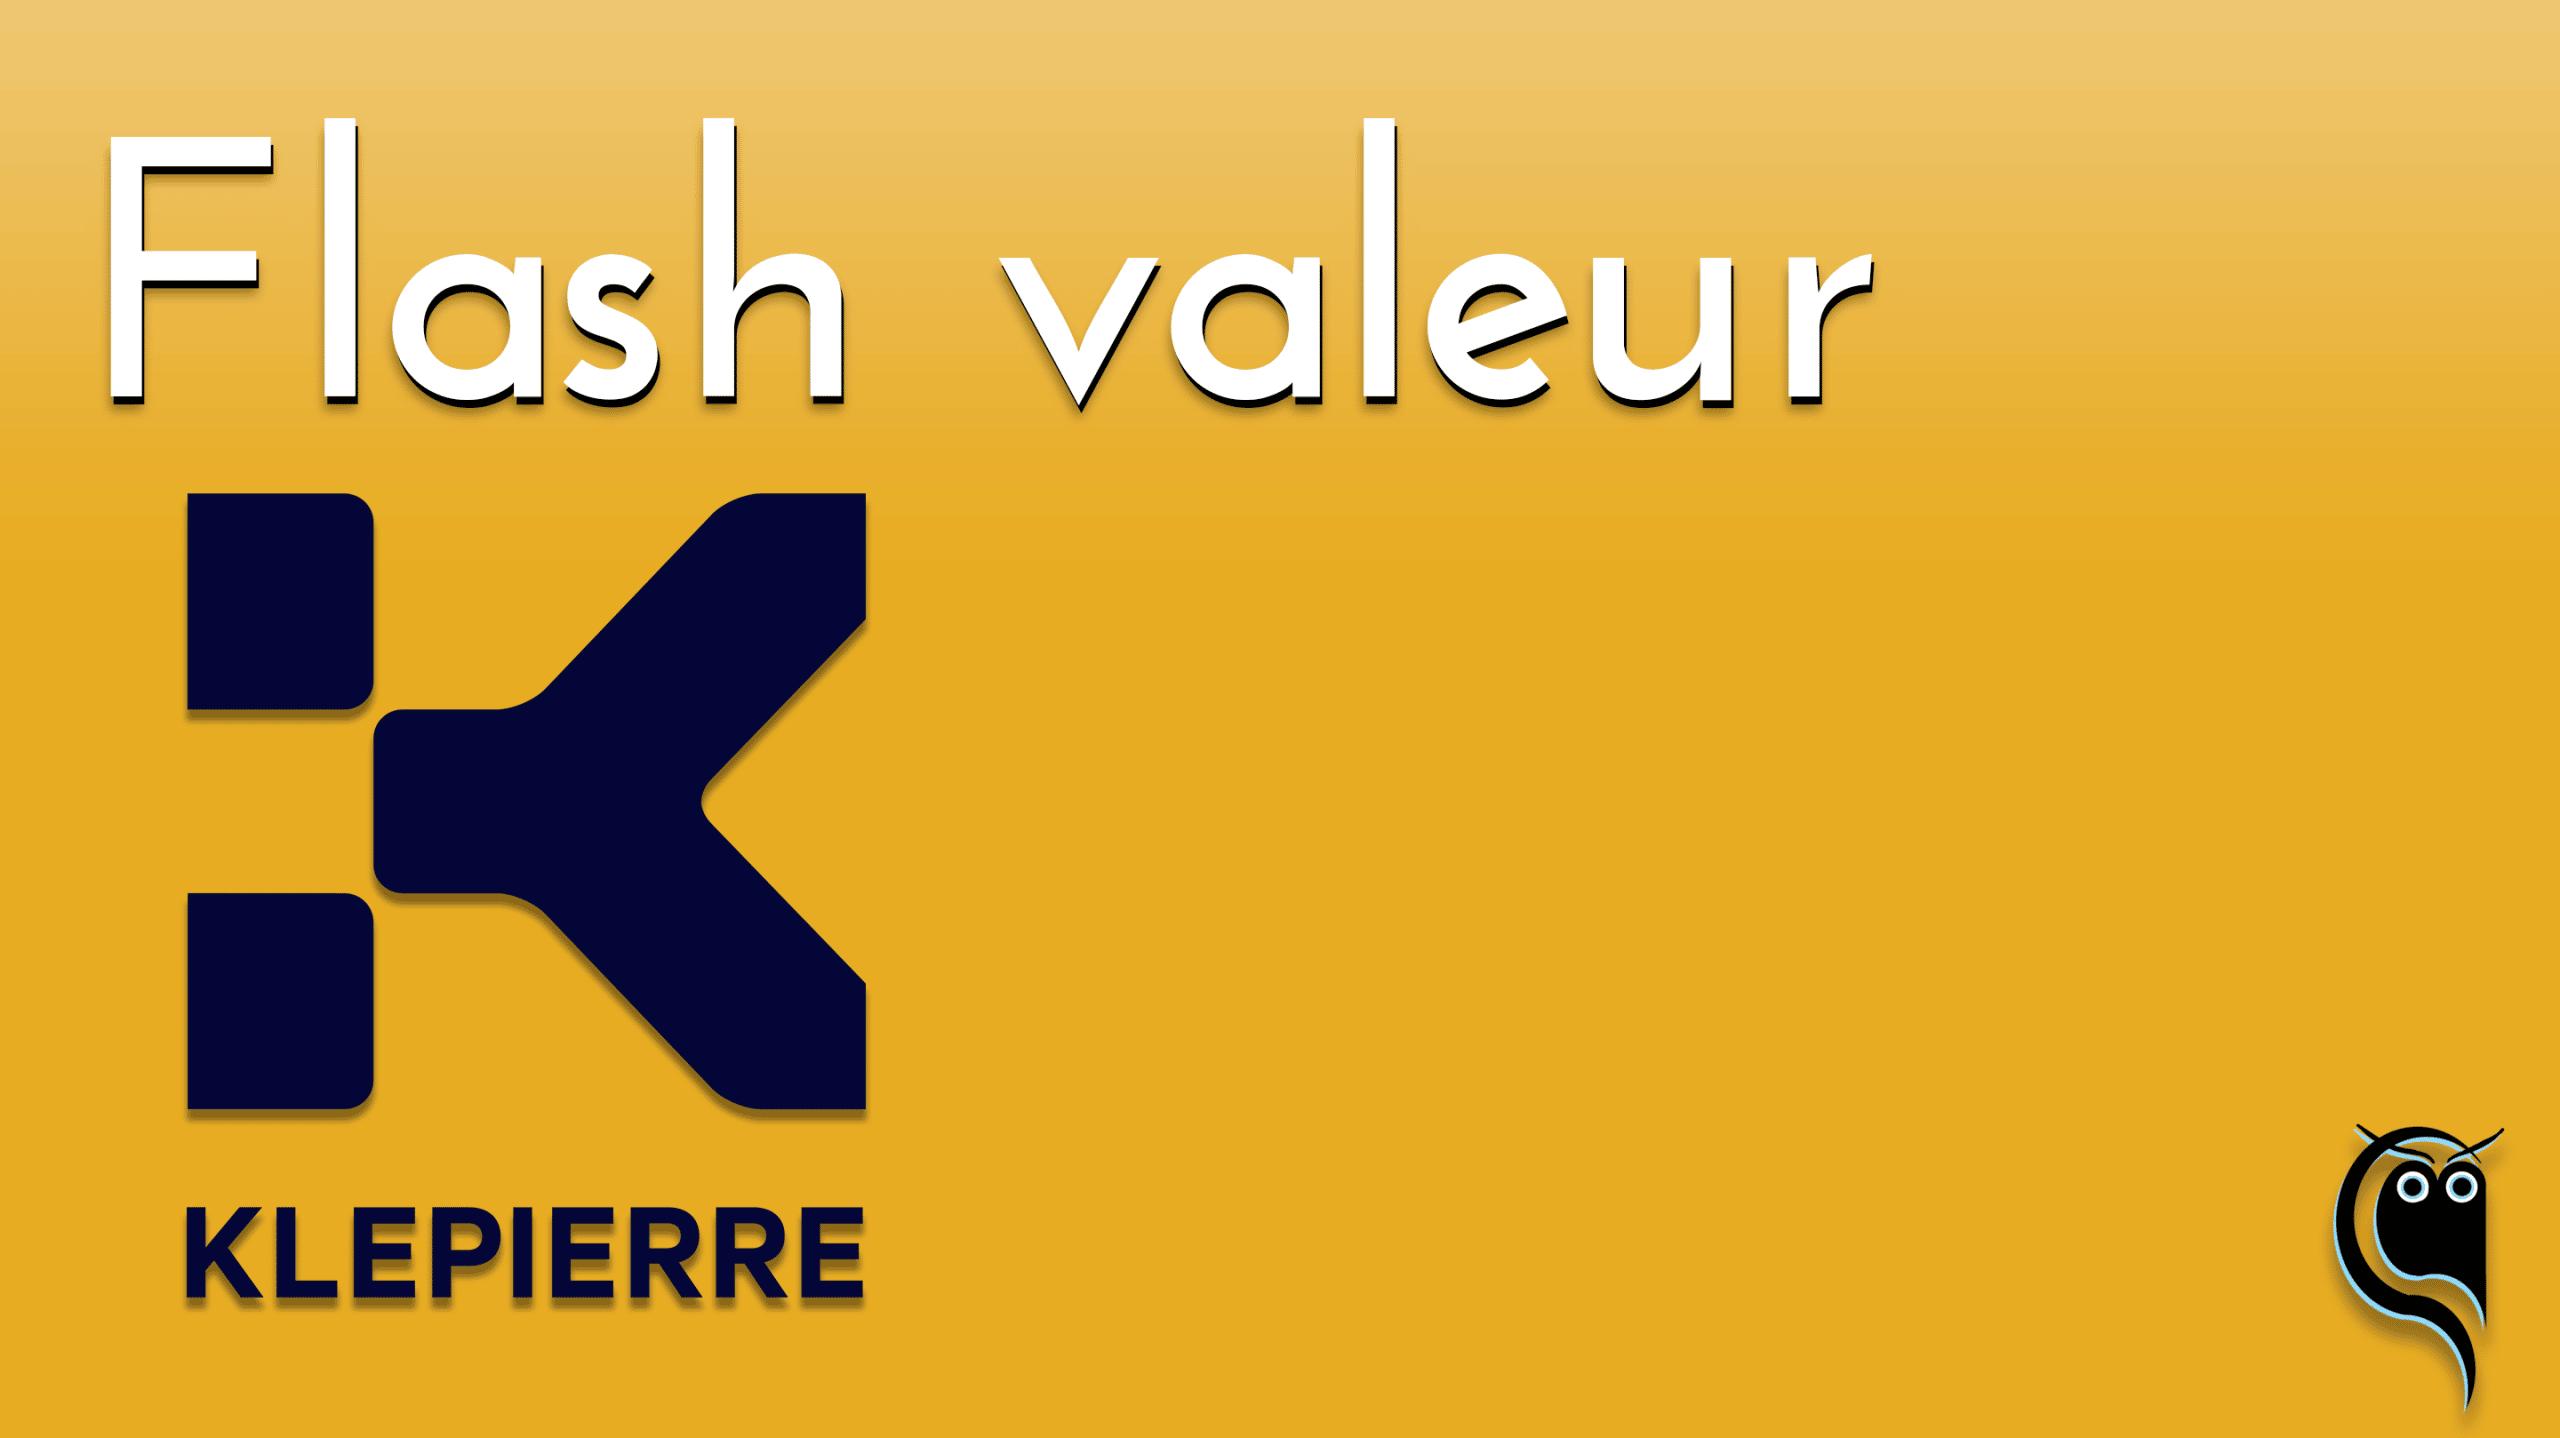 Flash Klépierre - résultats 1er trimestre 2021